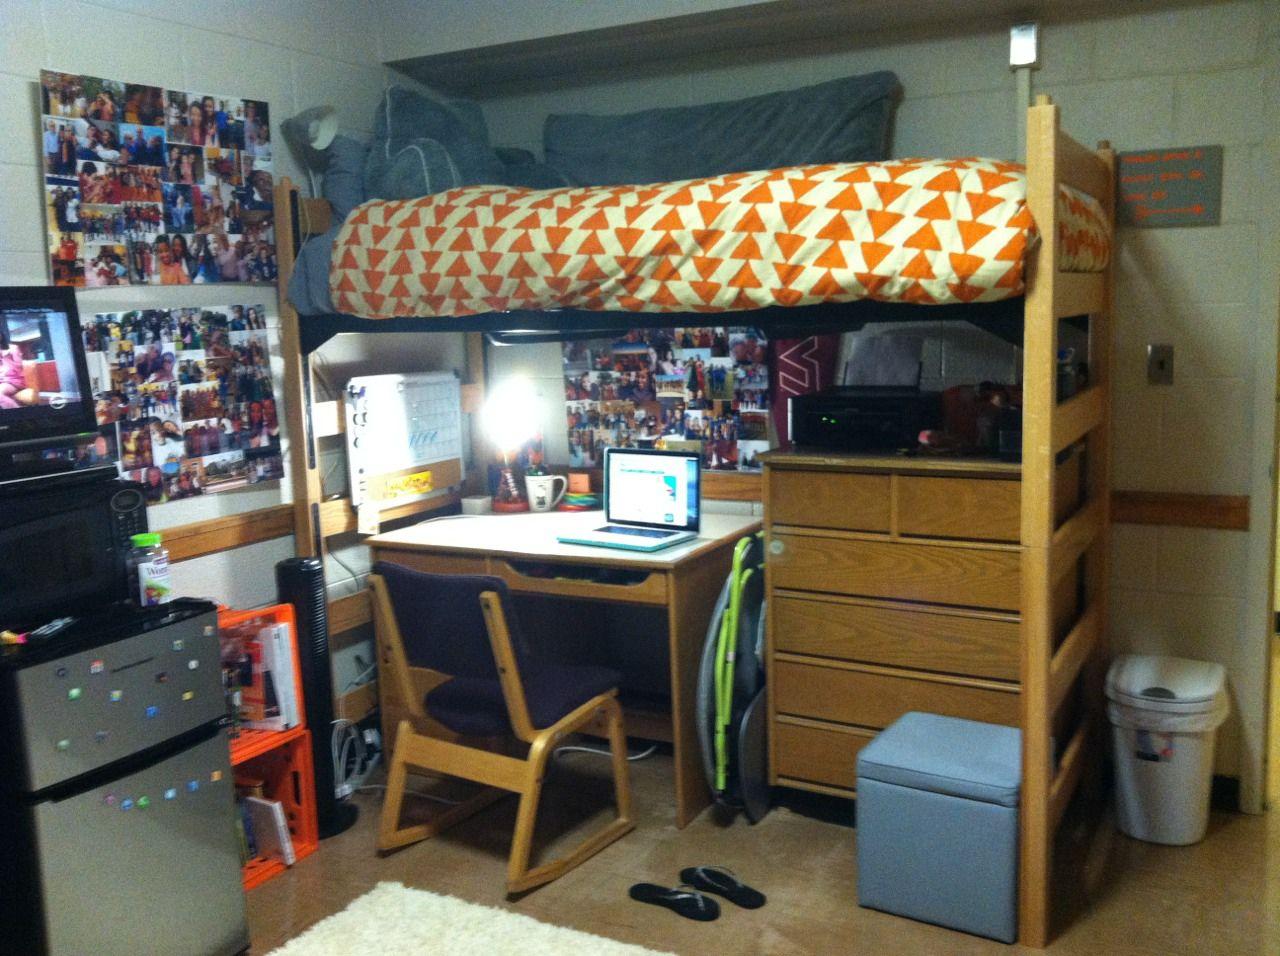 Virginia Tech Cool dorm rooms, Dorm room, Dorm room layouts